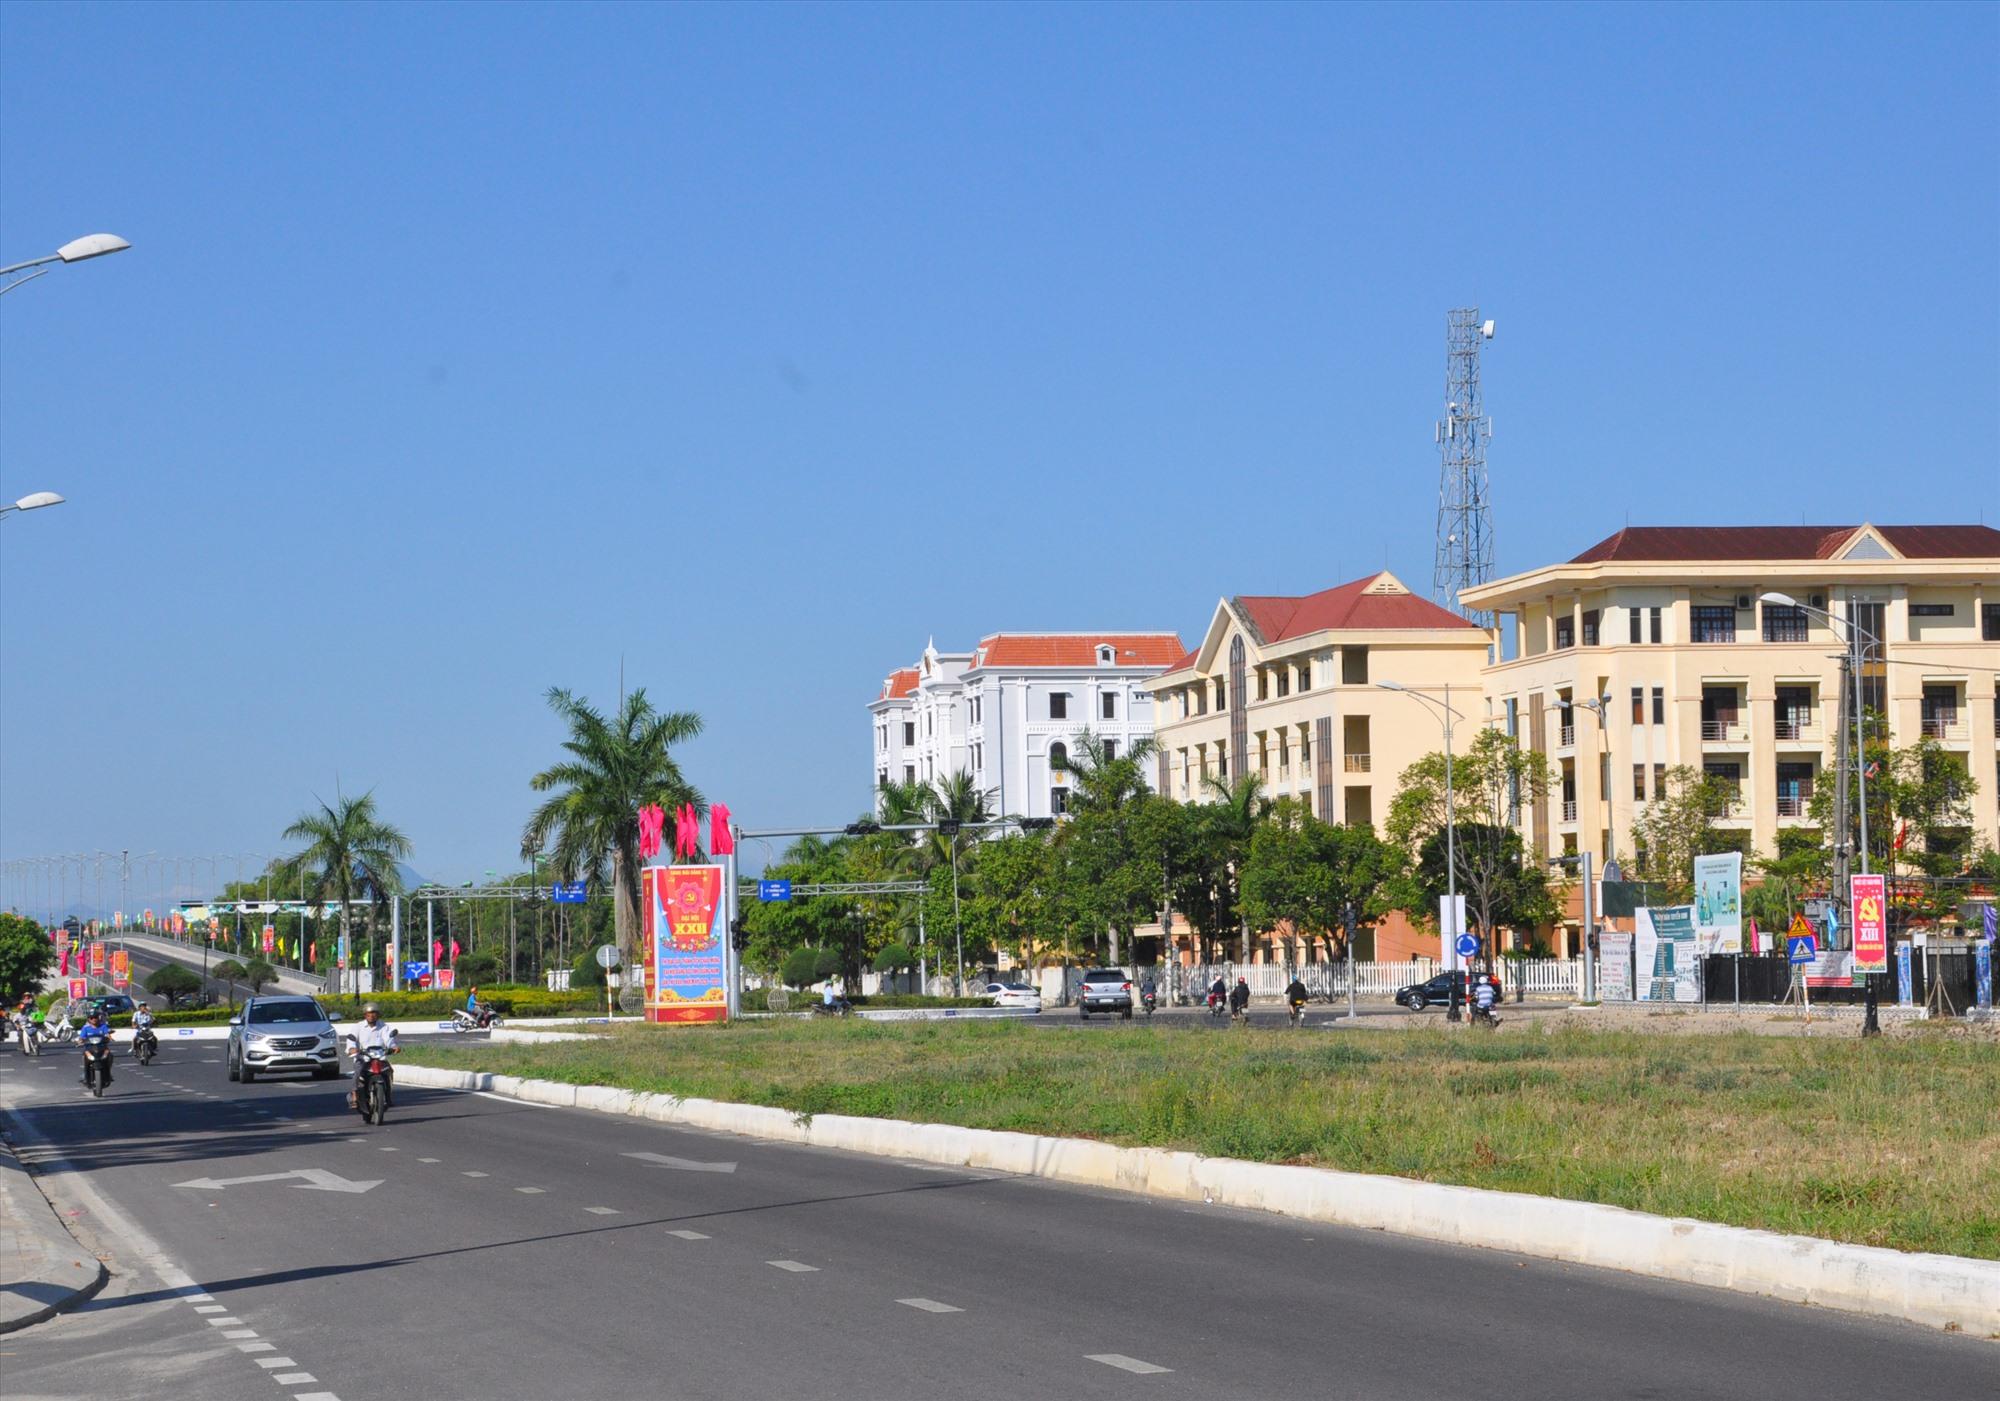 Tuyến đường Điện Biên Phủ với 2 cầu vượt nối từ đông sang tây tạo ra diện mạo khang trang cho đô thị Tam Kỳ. Ảnh: X.P